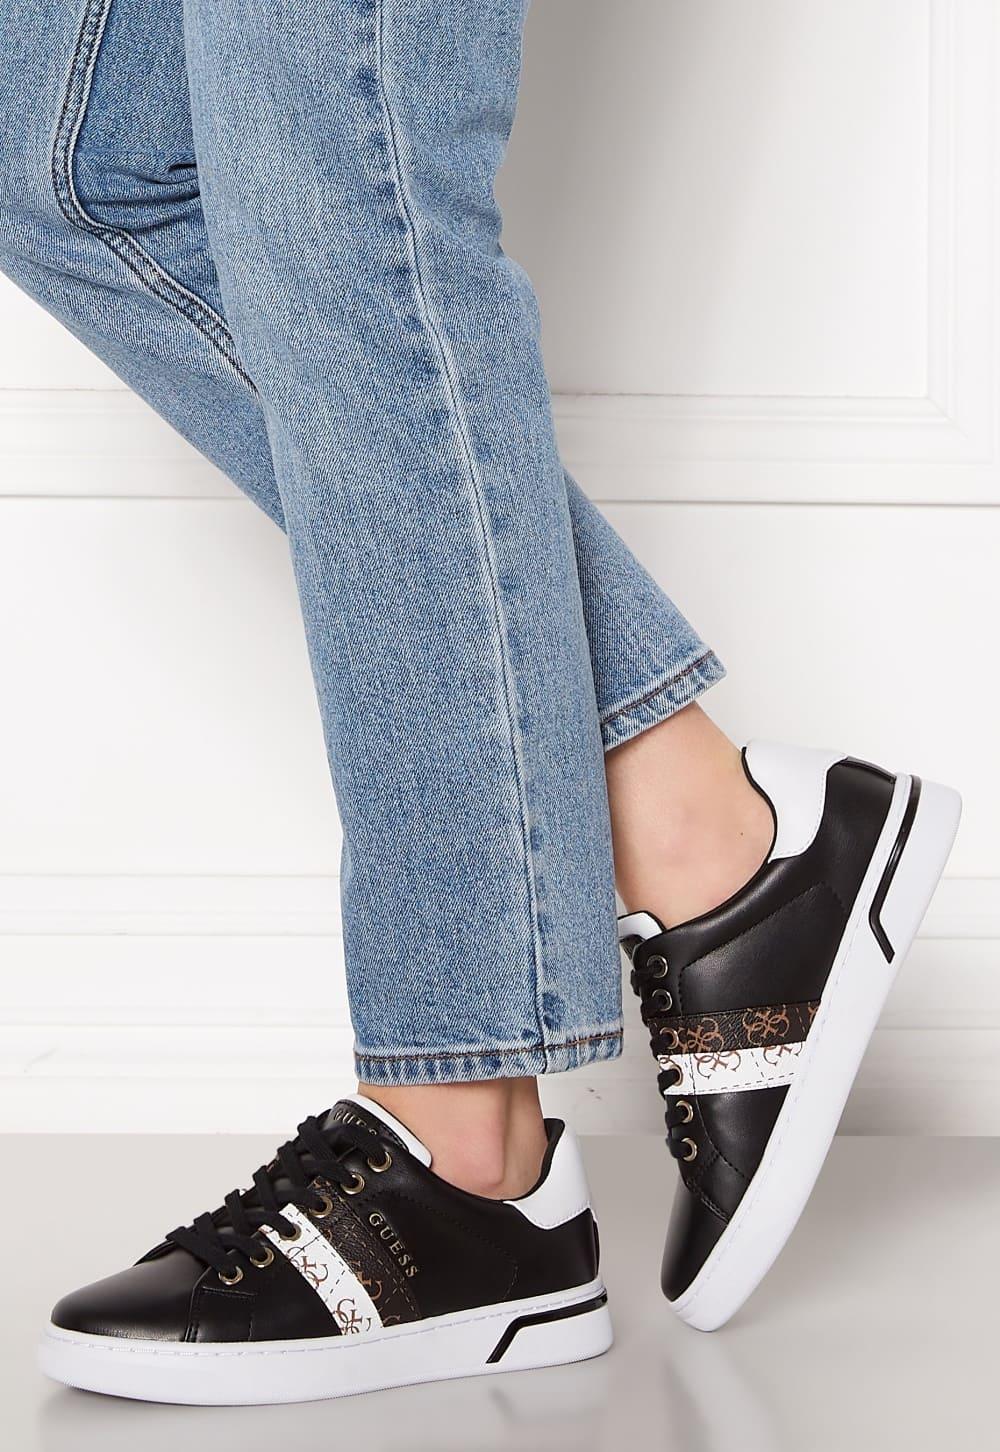 Svarta låga sneakers från Guess med fina detaljer 2021